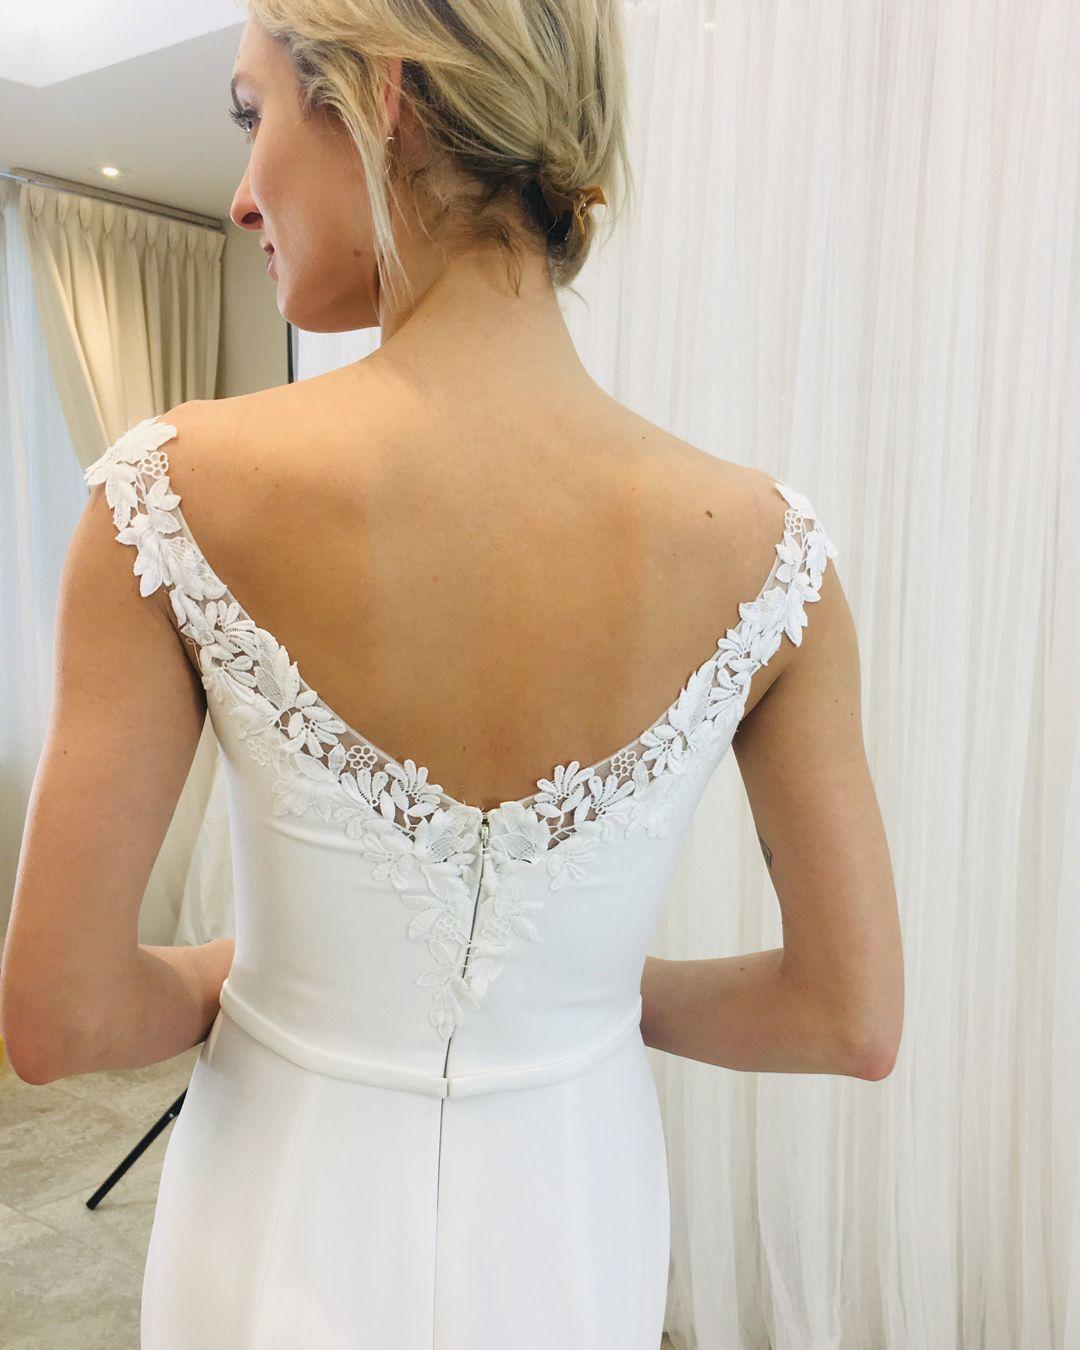 Elegant Plunging Neckline Wedding Dress Style 2252 In 2020